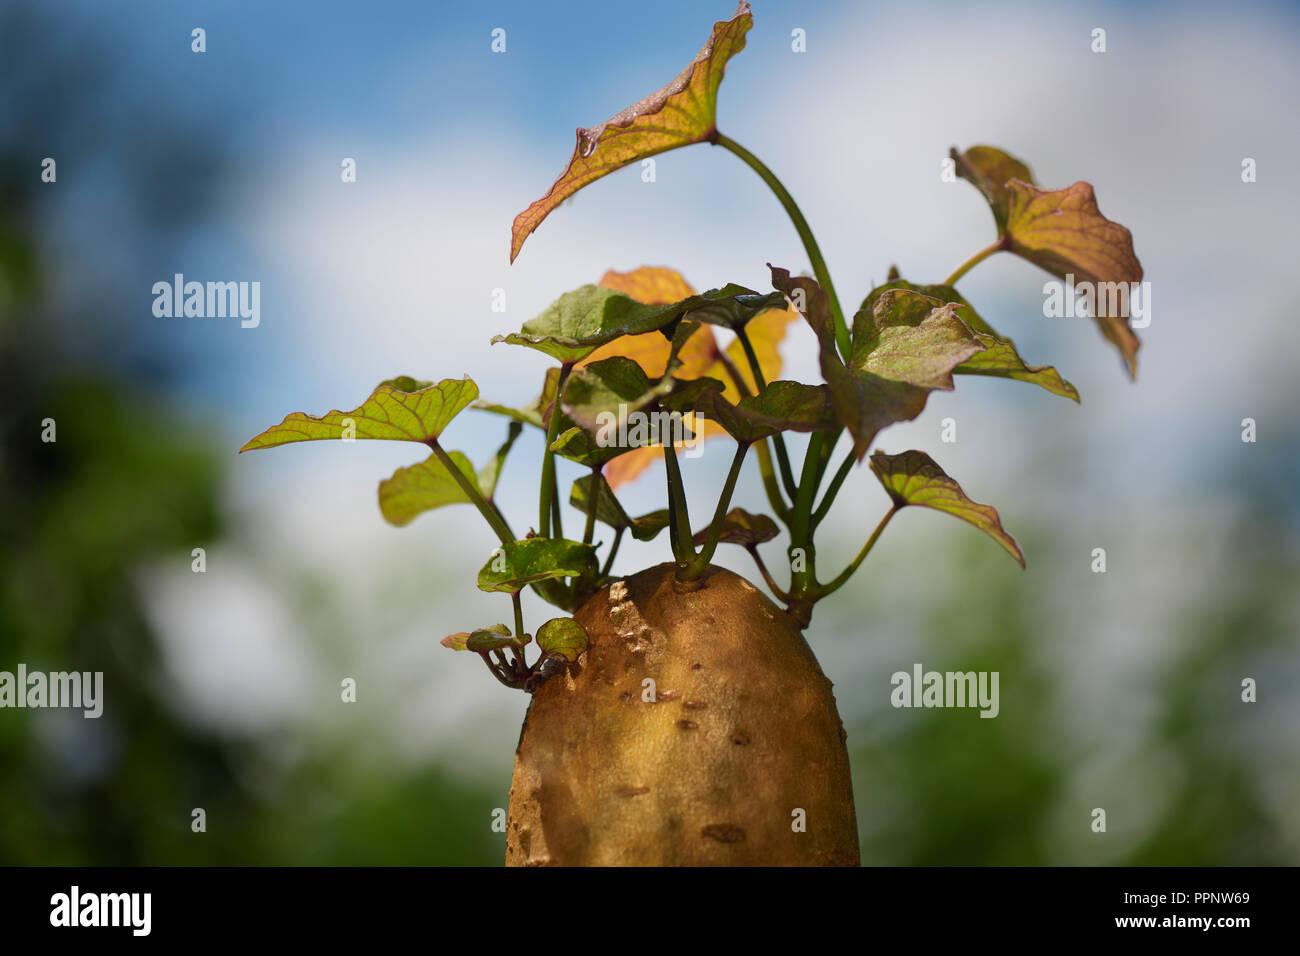 Nahaufnahme der eine sprießende Süßkartoffel mit slip Sprossen wachsen, die es für die Vermehrung im Gartenbau, Kanada Stockbild